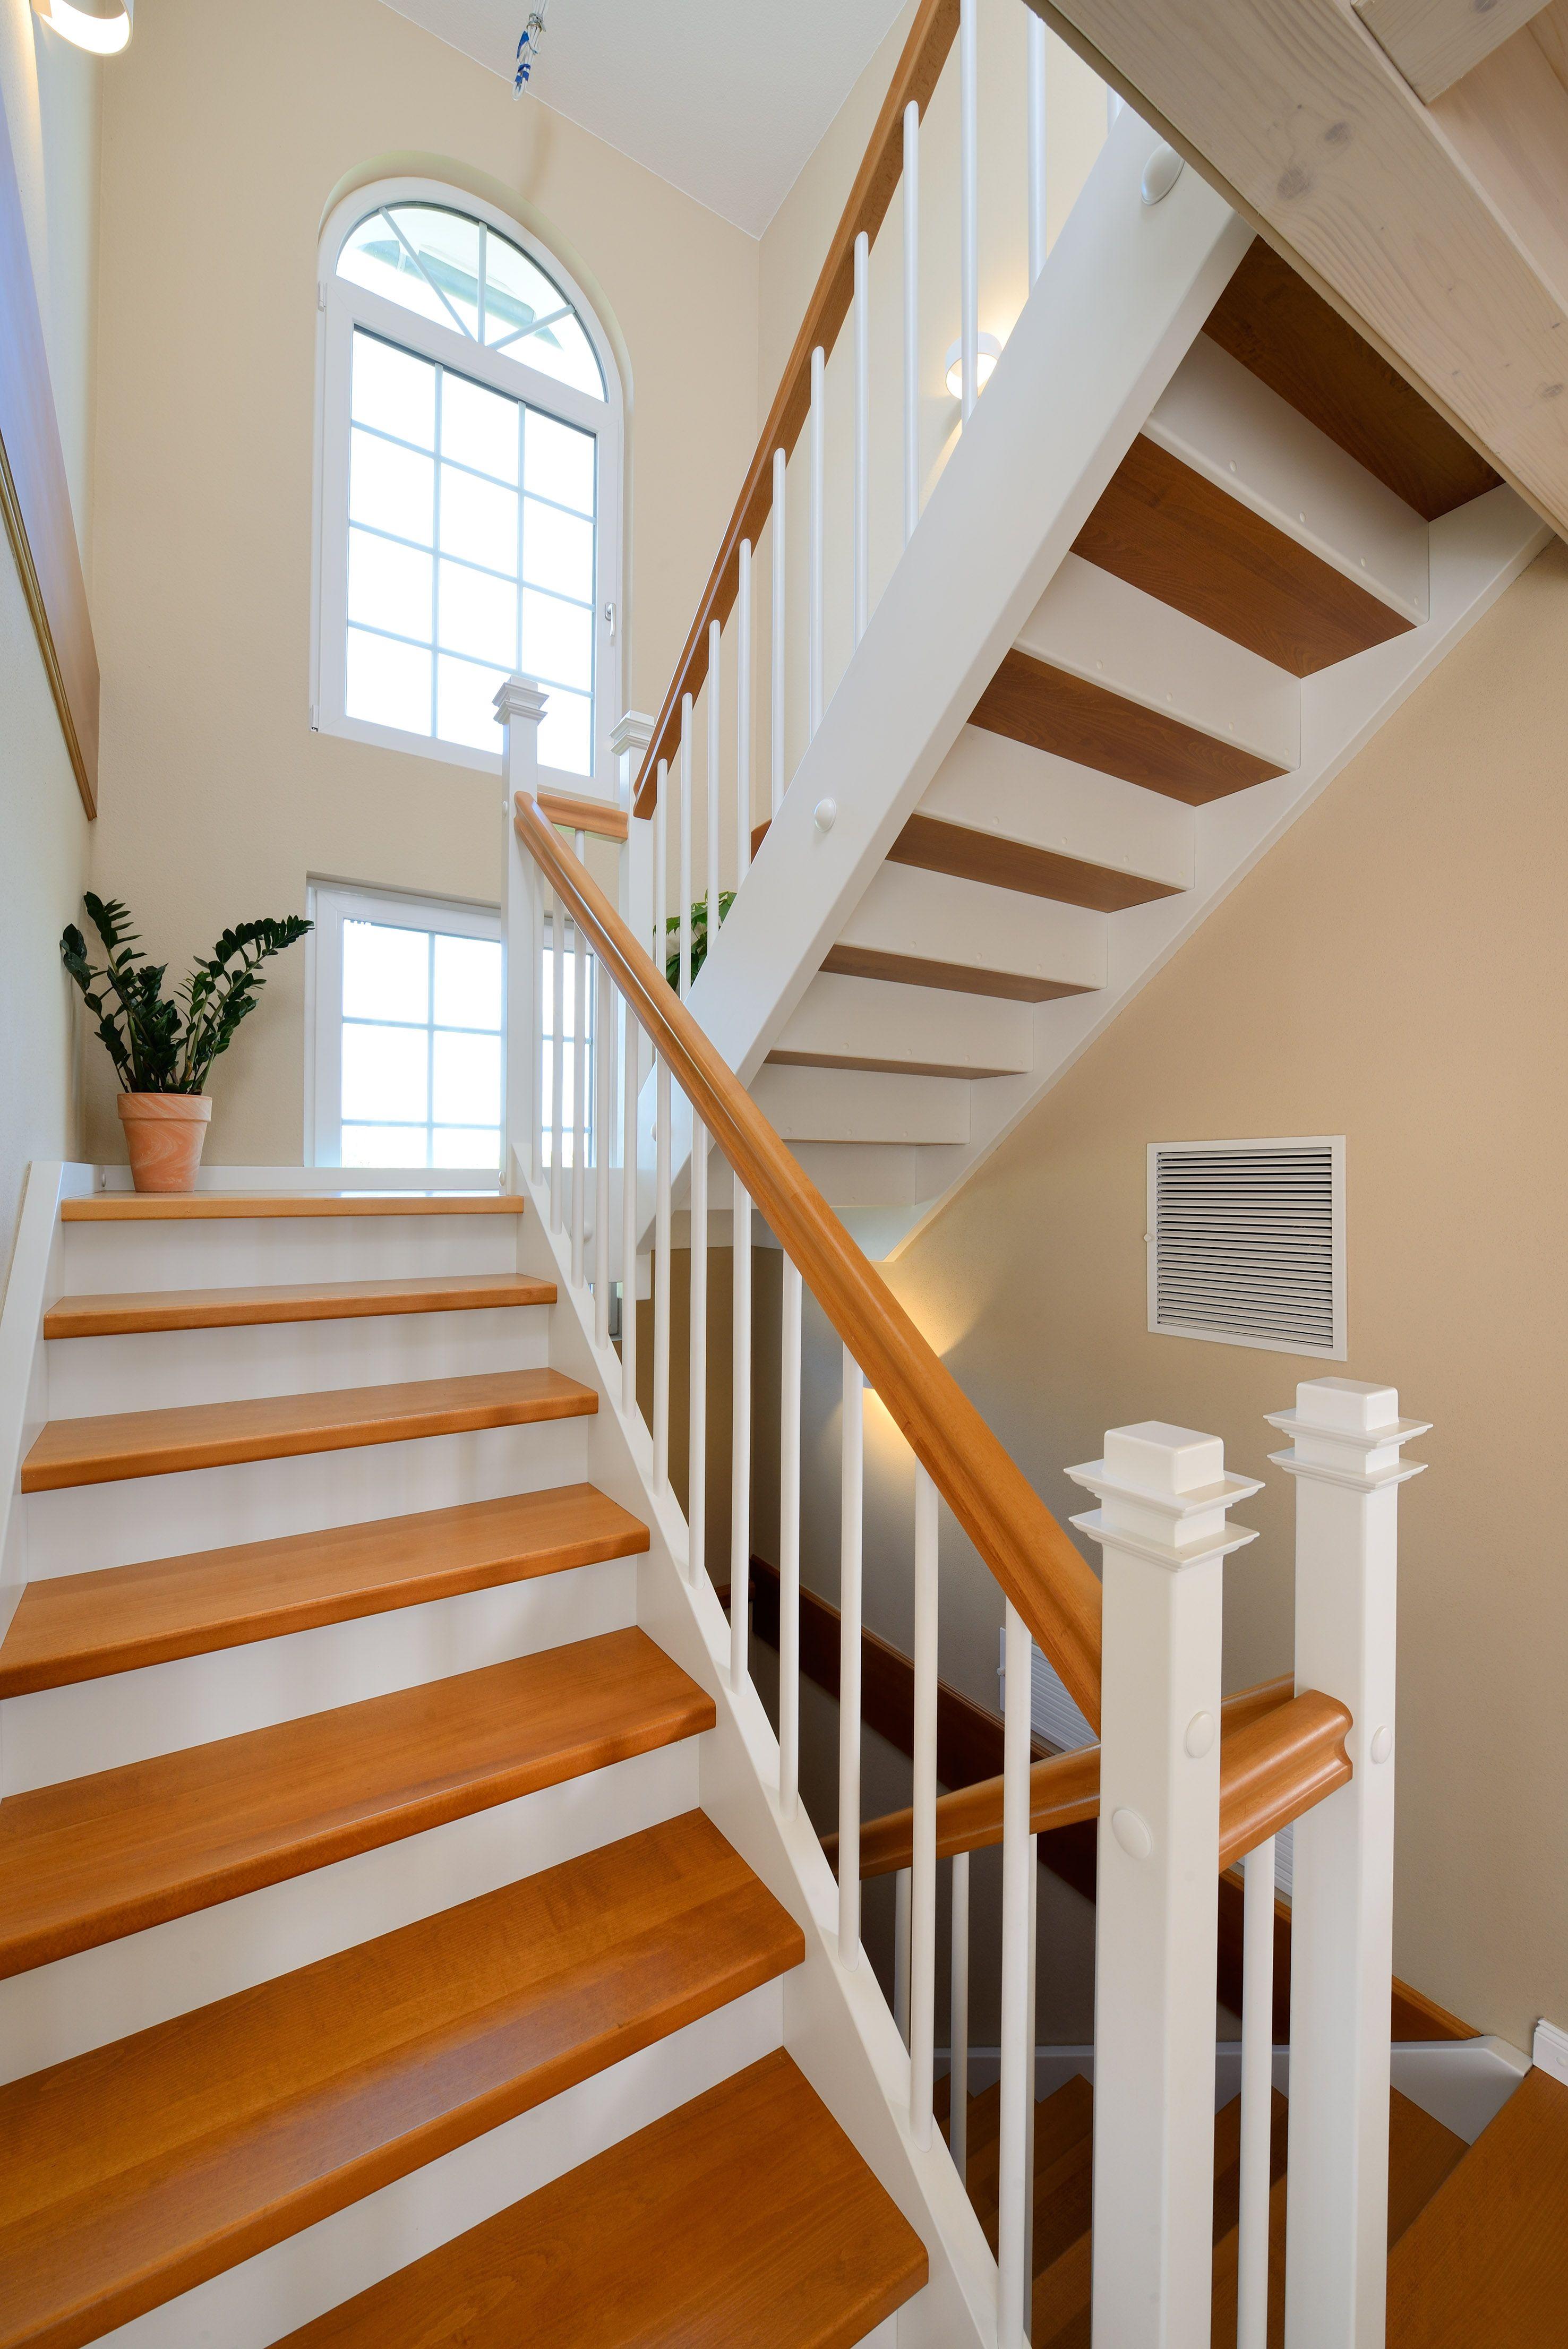 treppe im landhaus stil haus winter fertighaus weiss treppen stairways pinterest. Black Bedroom Furniture Sets. Home Design Ideas